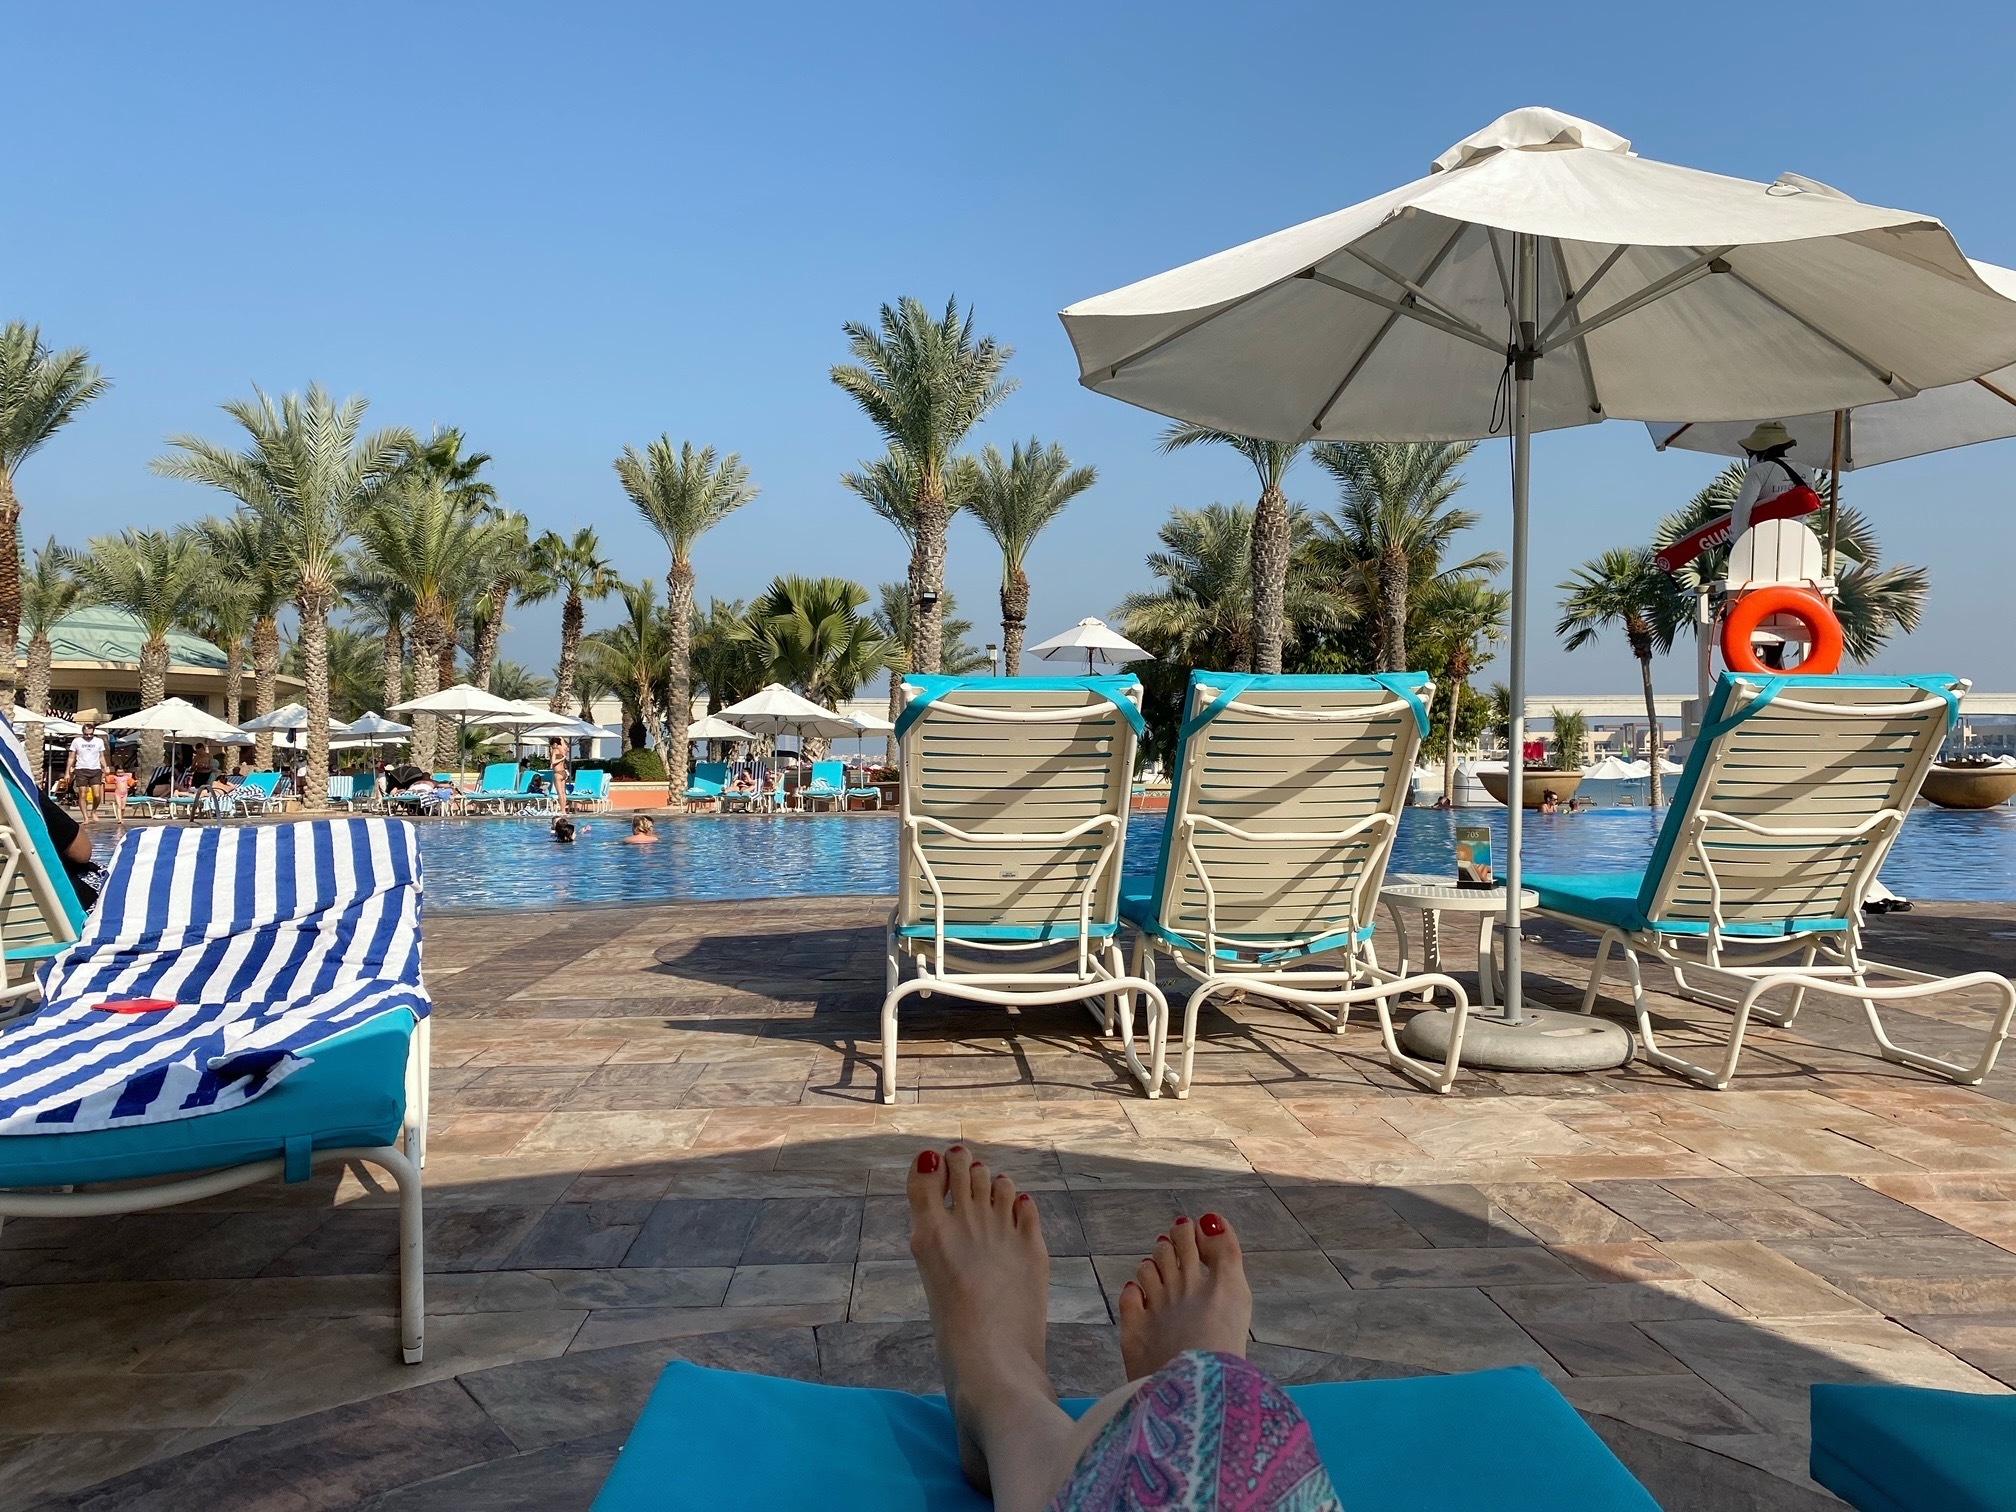 「ATRANTIS THE PALM」ホテルのお部屋&プライベートビーチ 〜ドバイ⑦〜_1_3